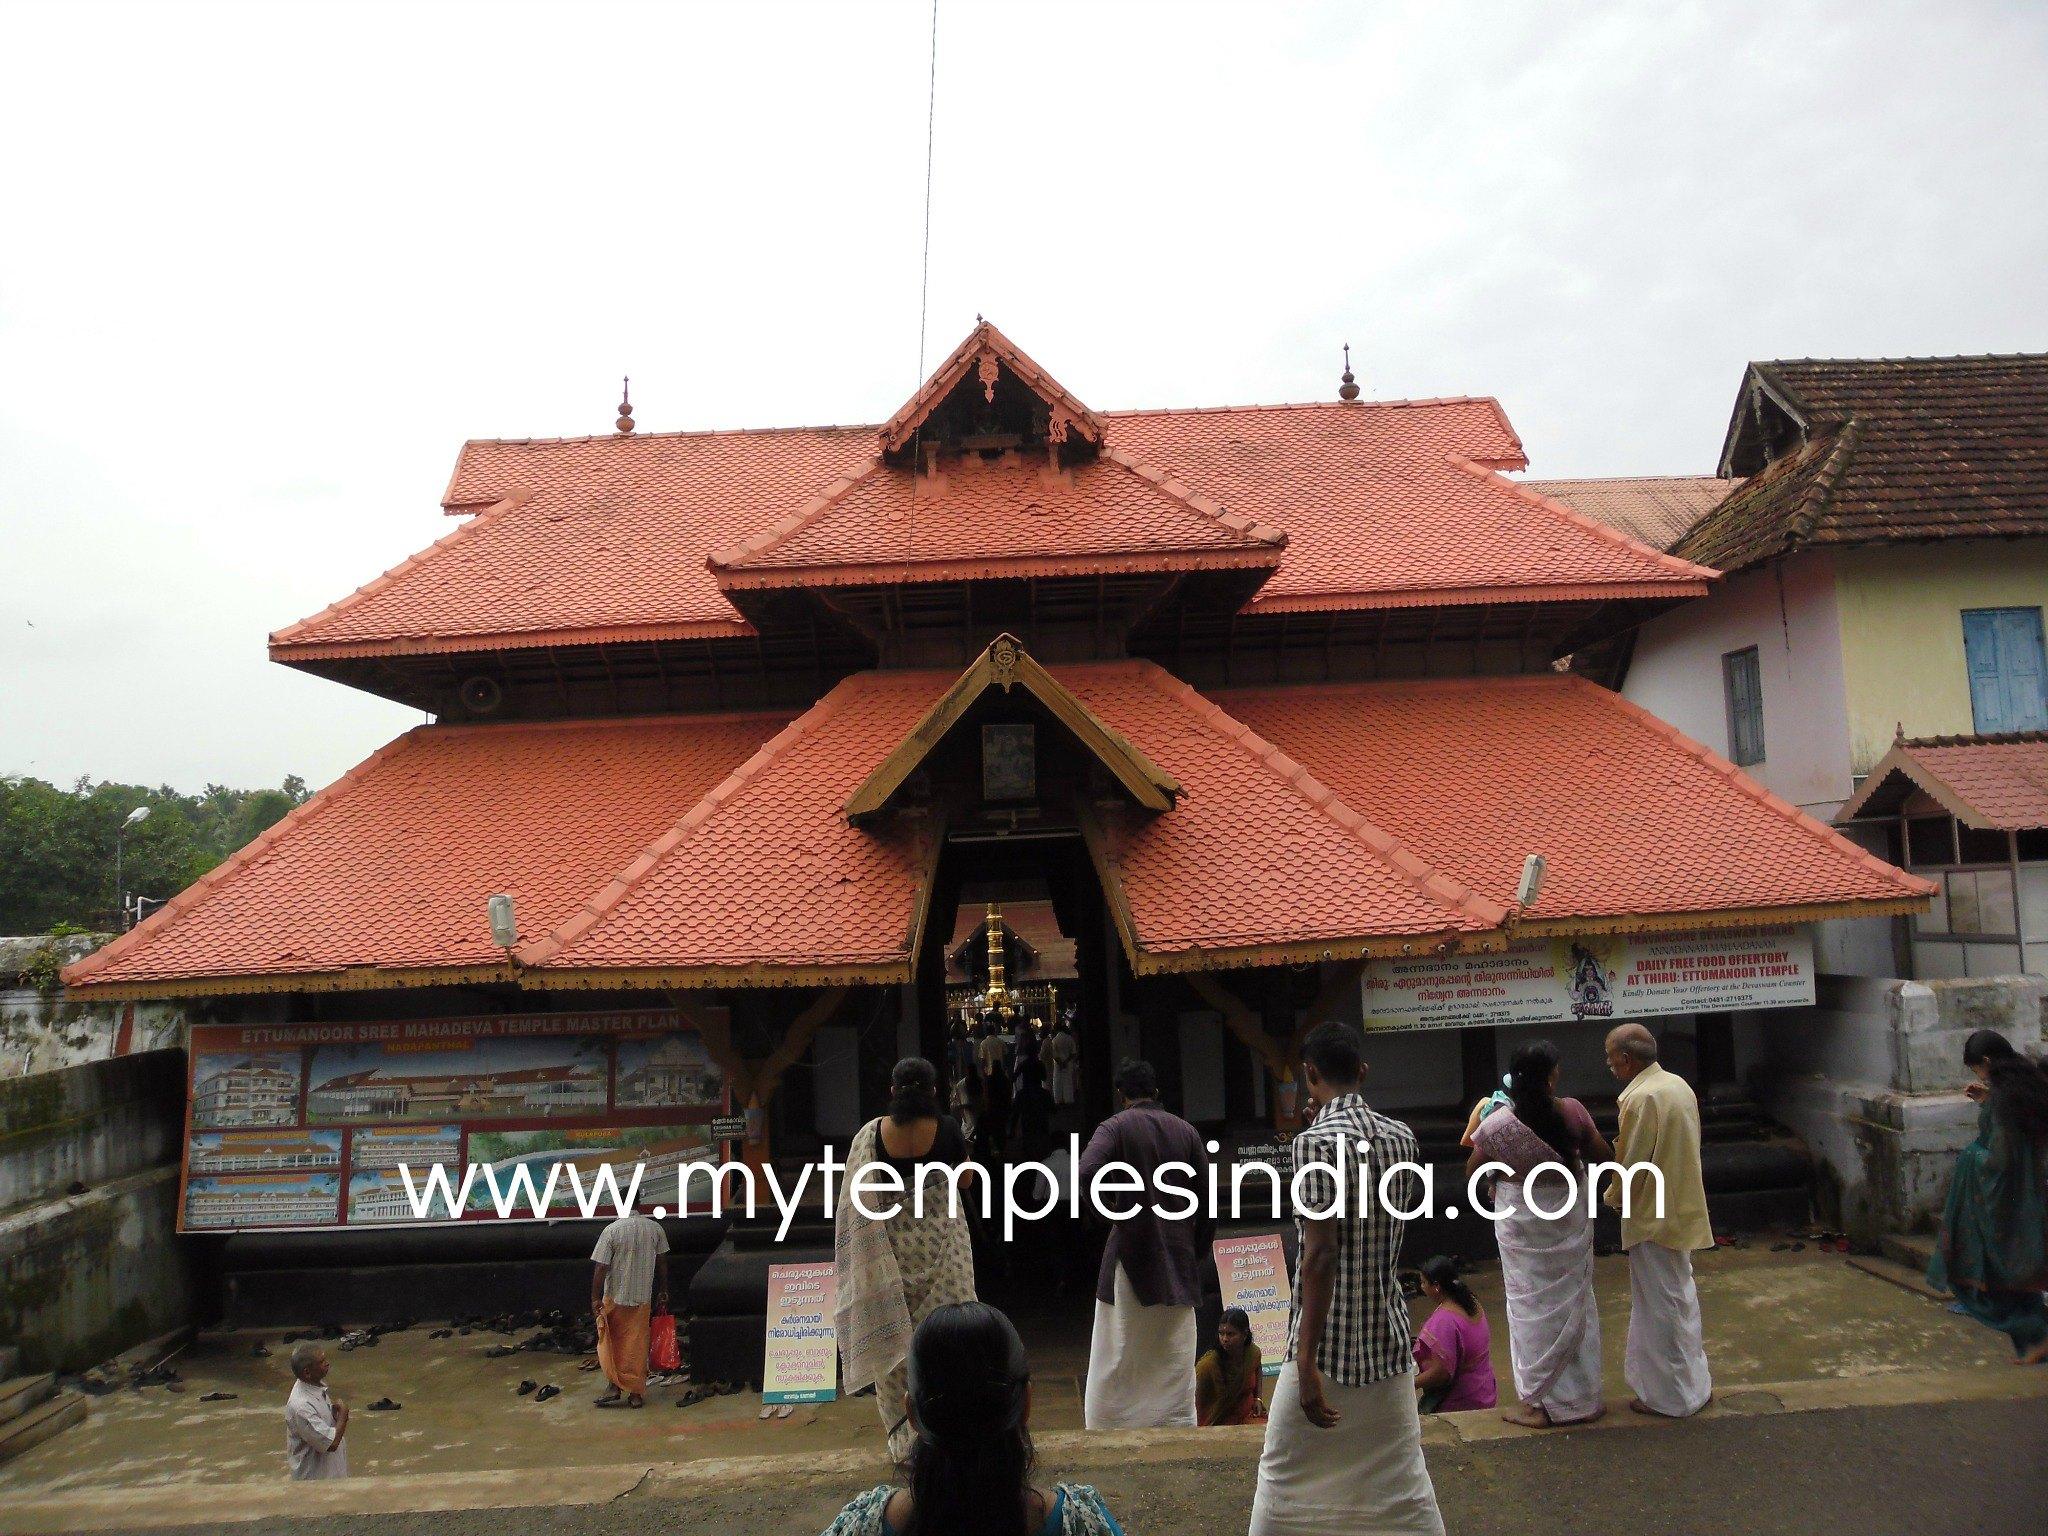 Ettumanoor Shiva Temple, Chottanikkara